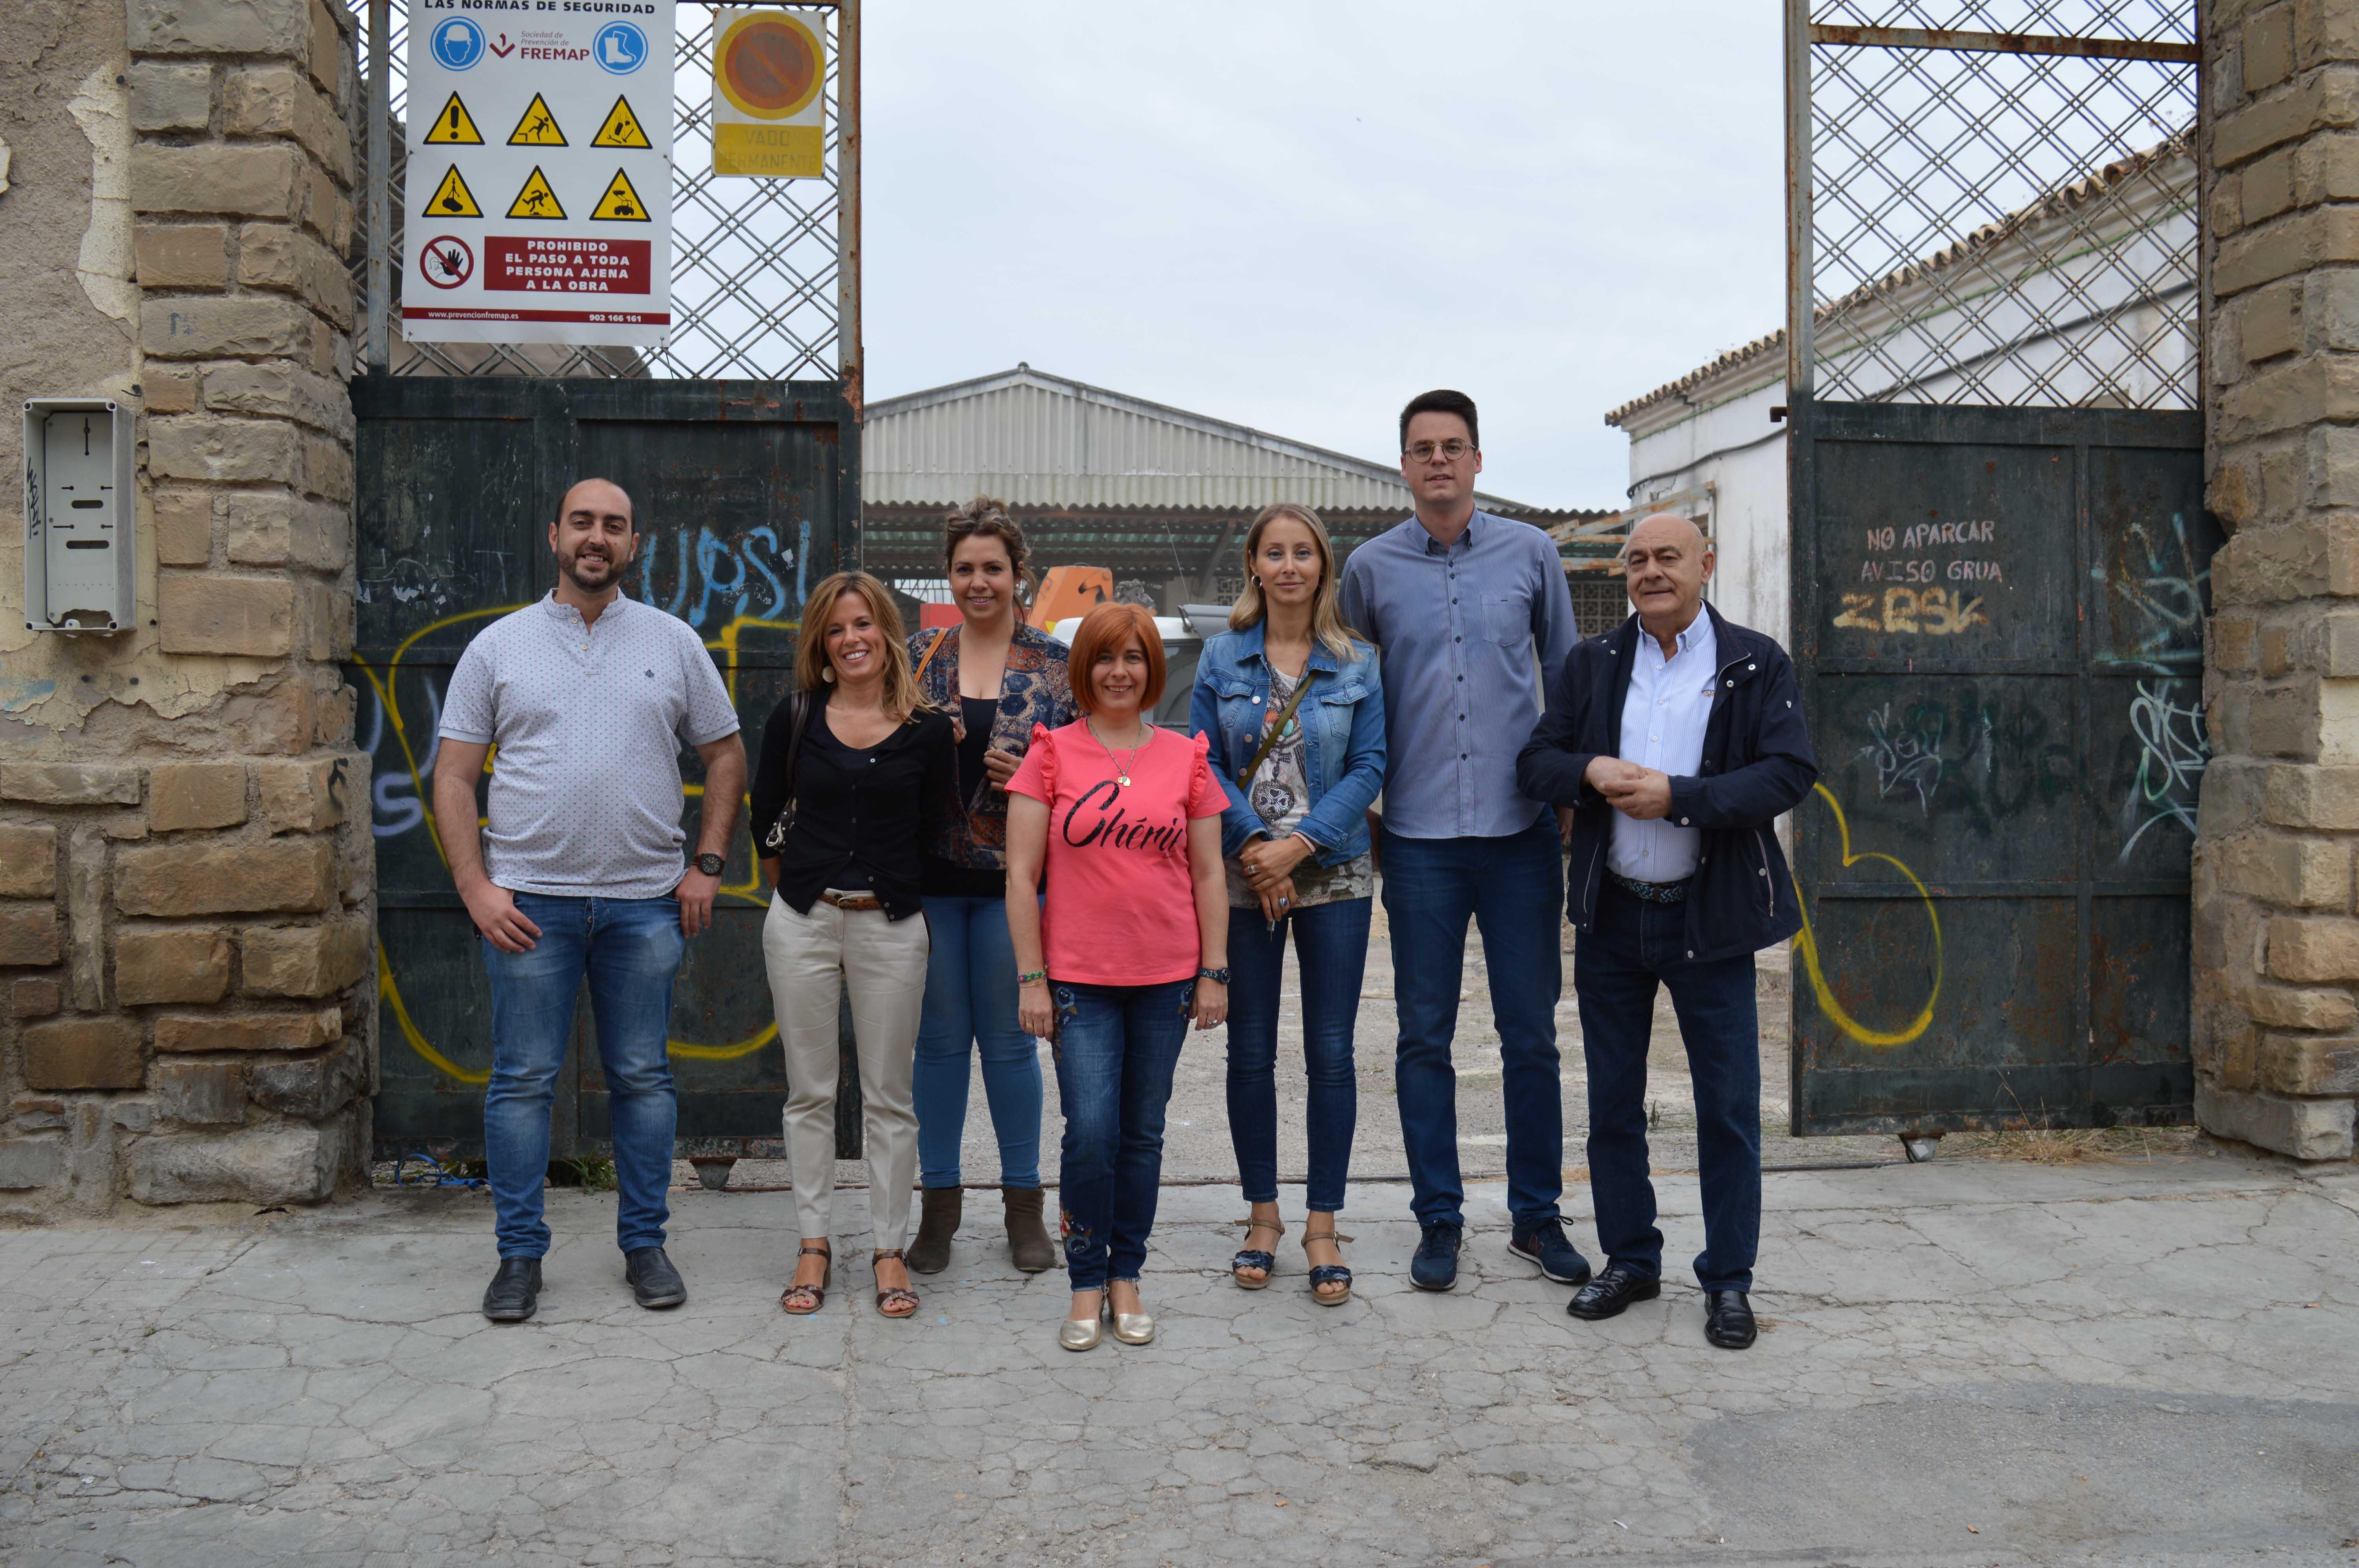 """Olivares: """"Úbeda contará con un espacio joven digno y acorde a su importancia como ciudad"""""""